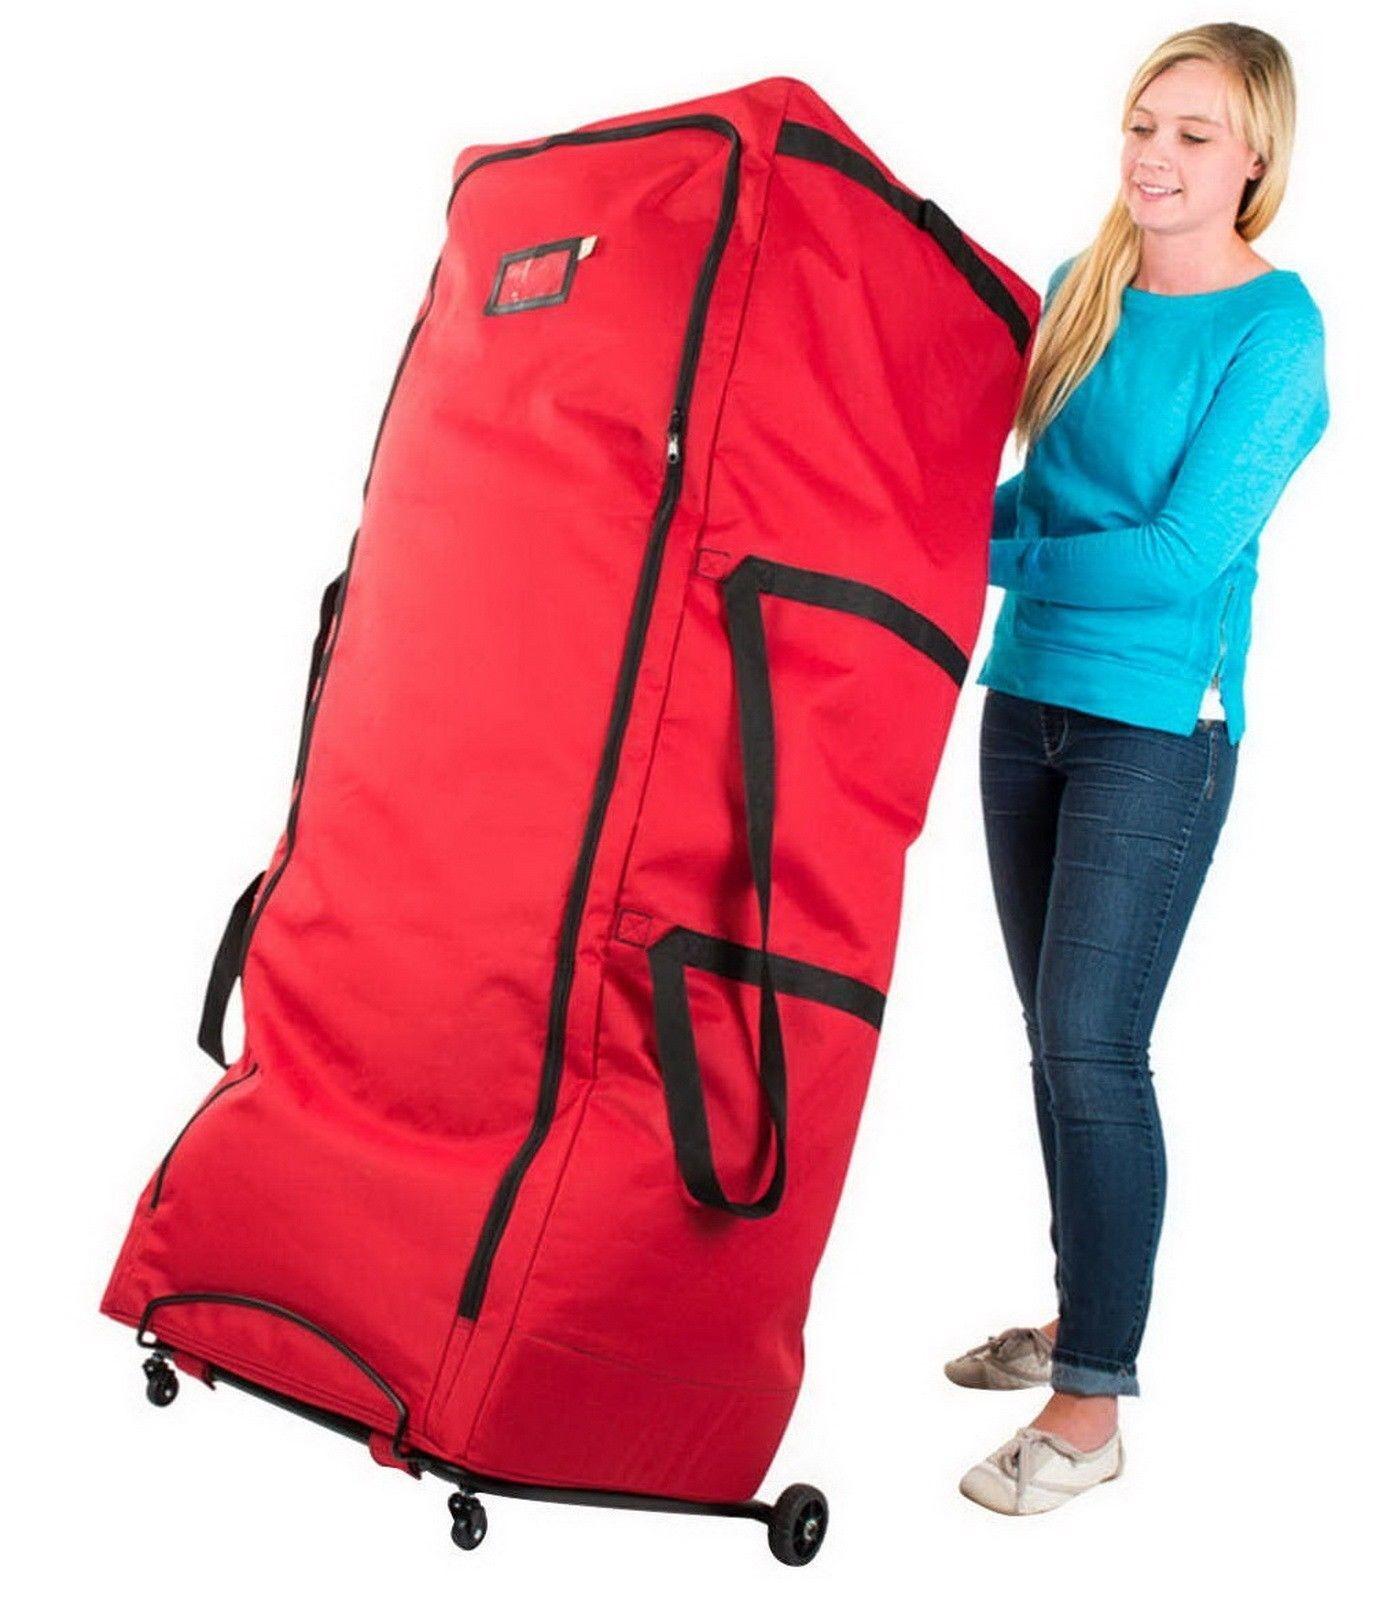 XL Künstlich 6 7.5 9 3.7m M Weihnachten Tree Lagerung Tasche Santa's Bag   | Maßstab ist der Grundstein, Qualität ist Säulenbalken, Preis ist Leiter  | Großartig